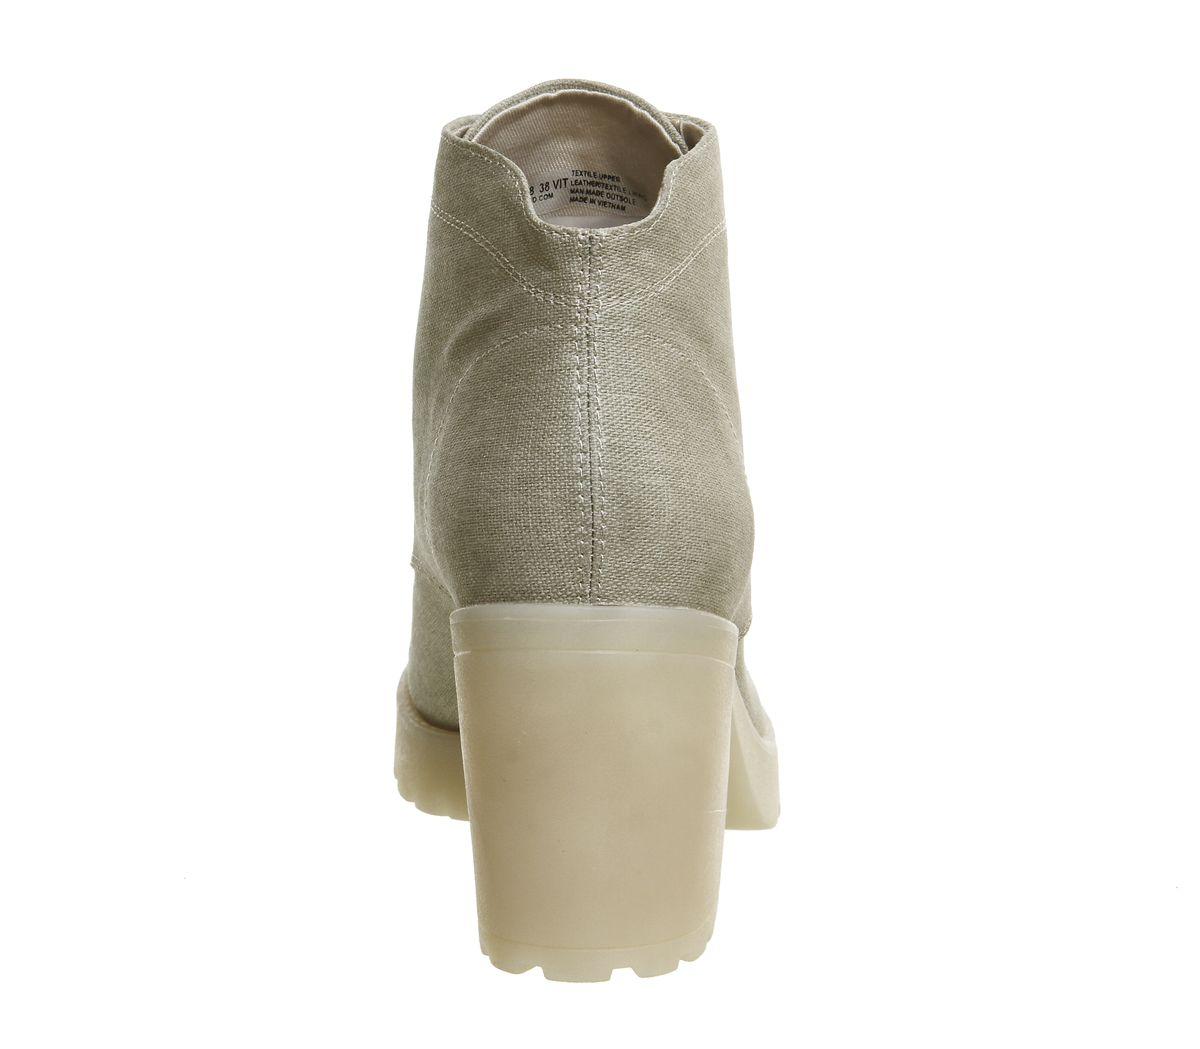 5800c98e0c2704 Vagabond Grace Lace Up Boots Chino Canvas - Ankle Boots